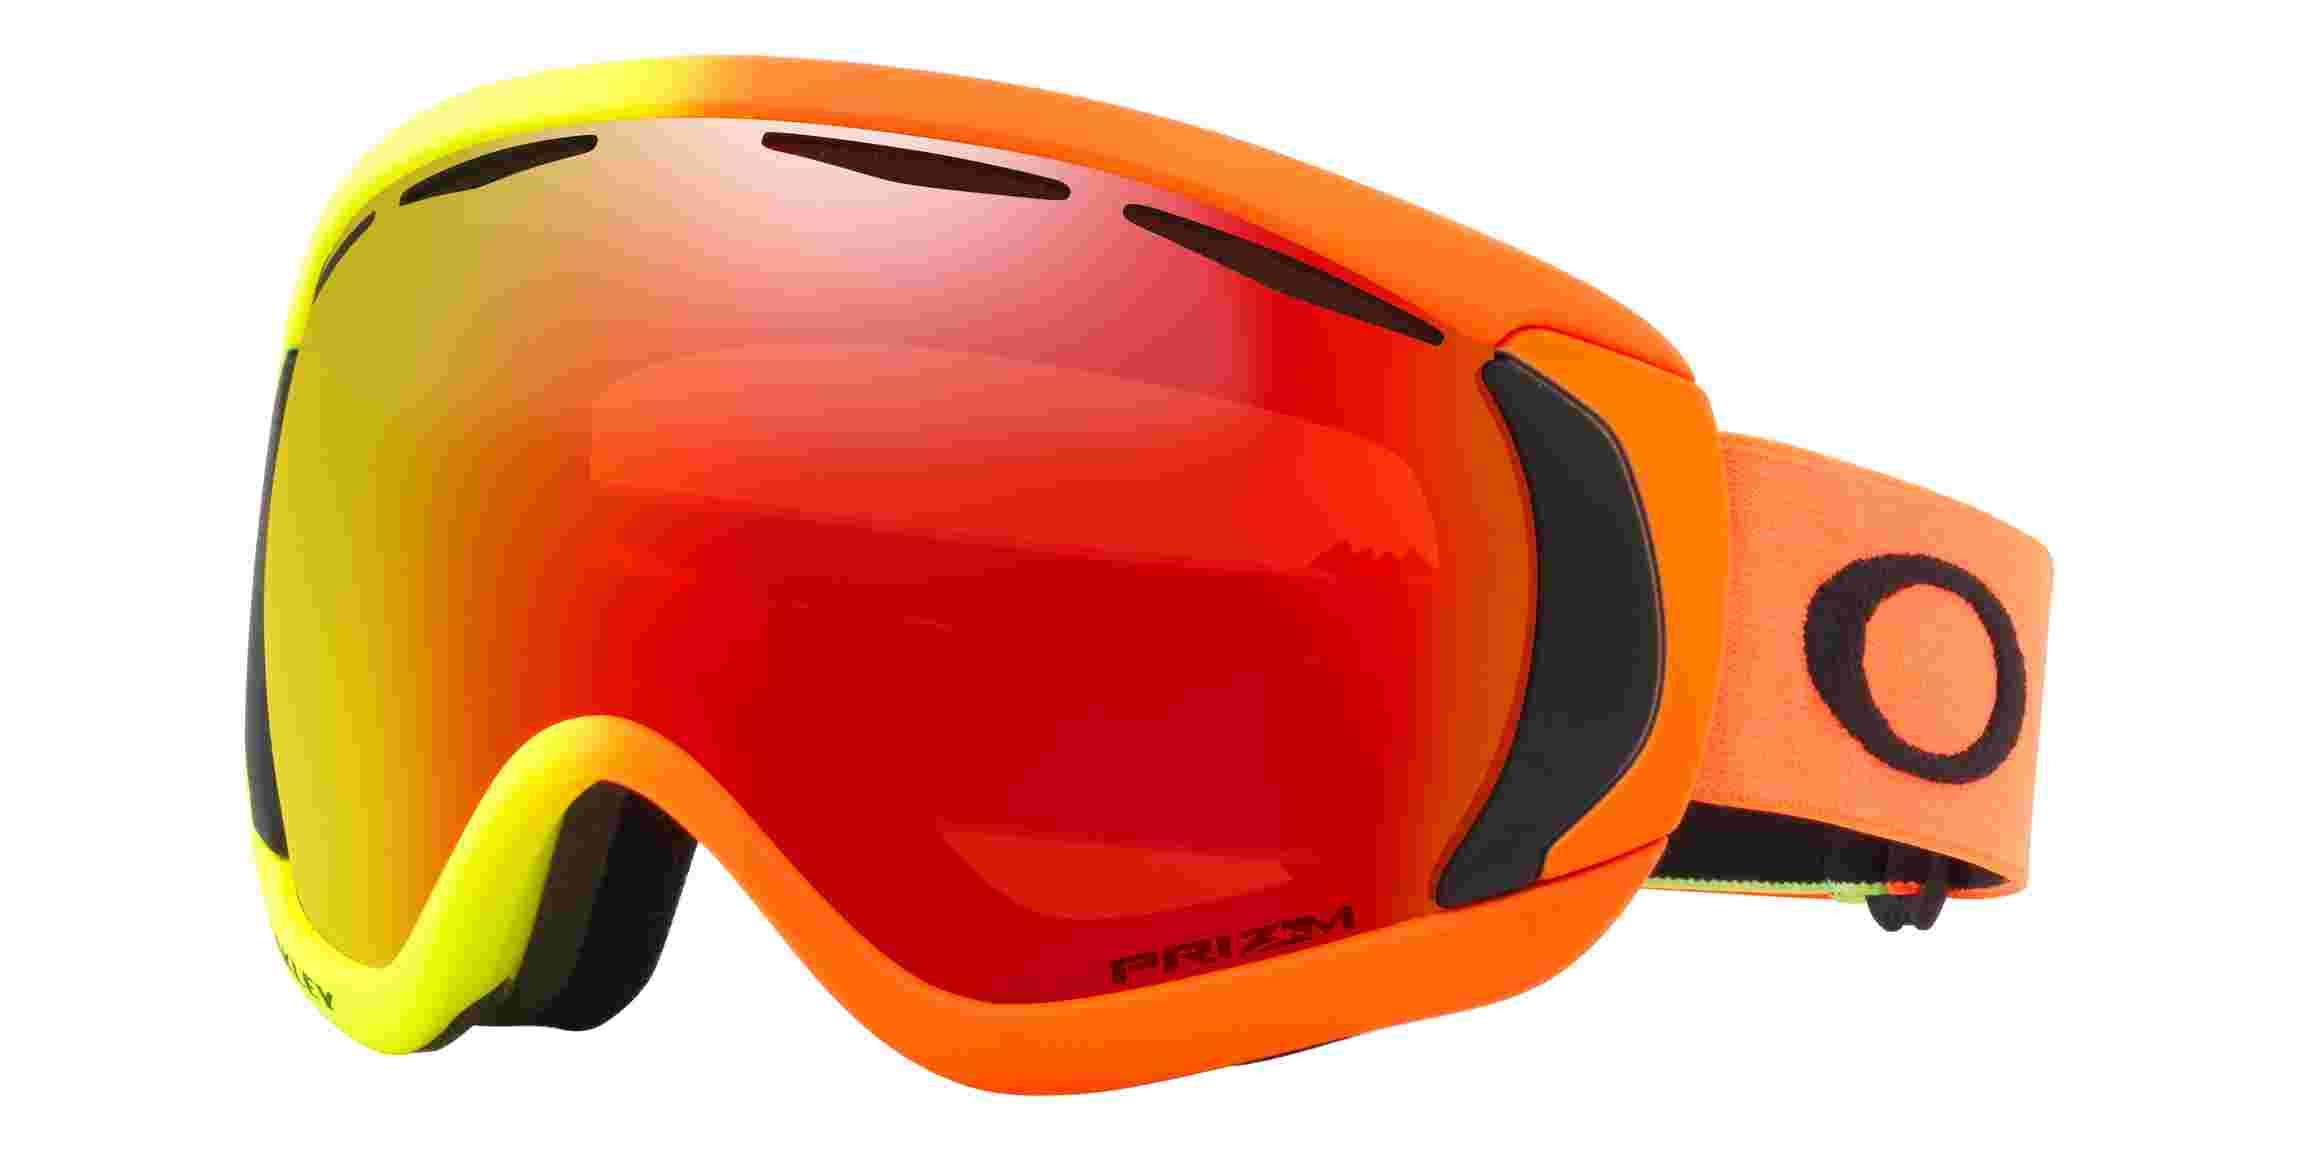 技术眼镜对滑雪者提供了很大的改进